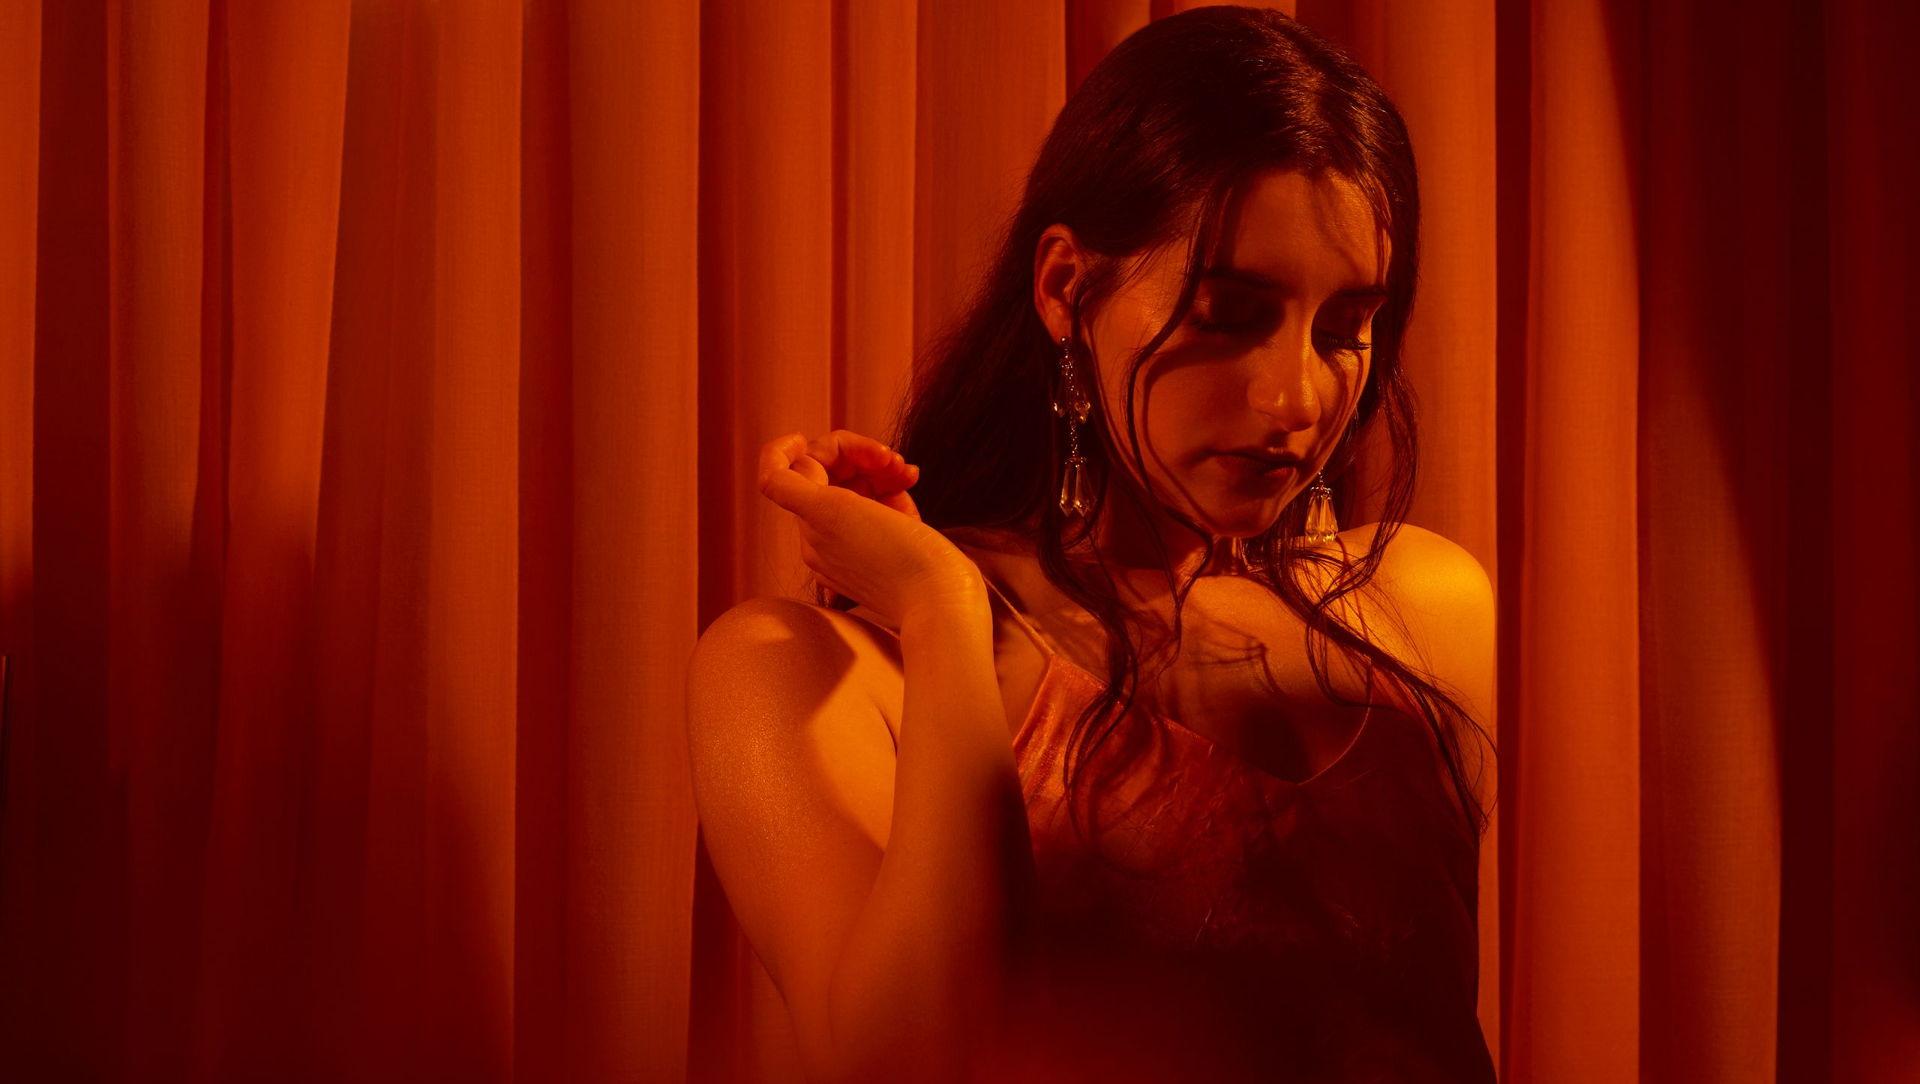 Eefje de Visser met haar nieuwste album Bitterzoet